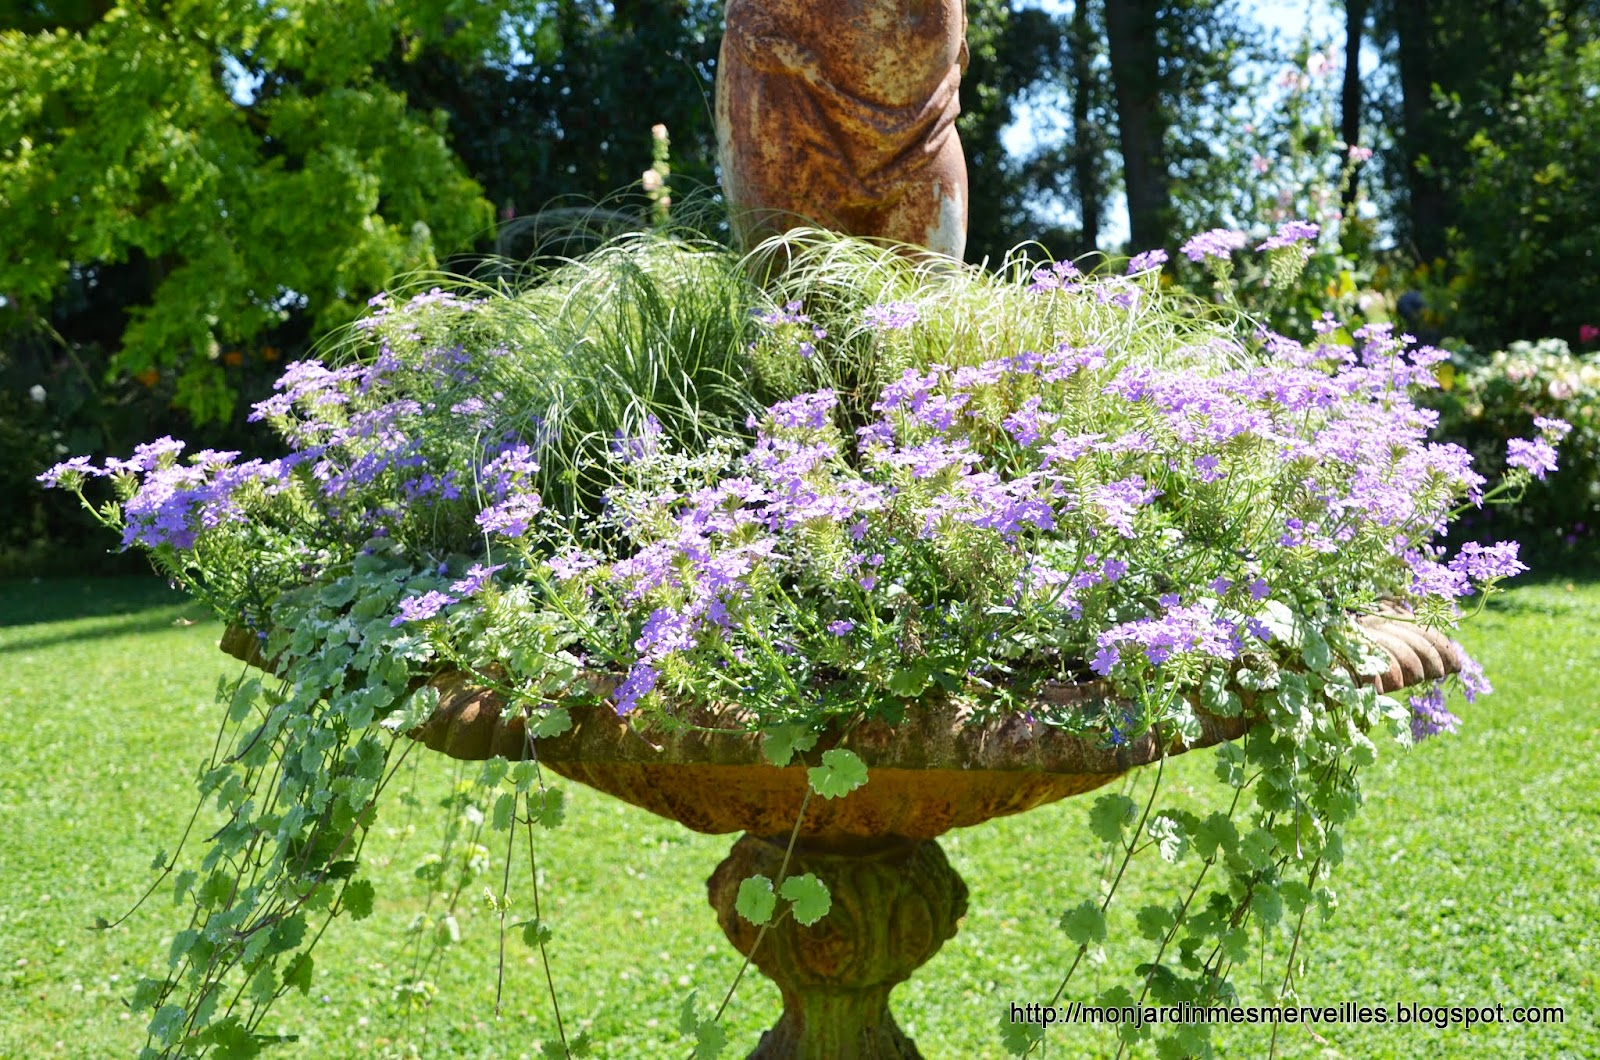 Image De Jardin Fleuri | Jardin Fleuri Lyon Meilleur De Modle De ...